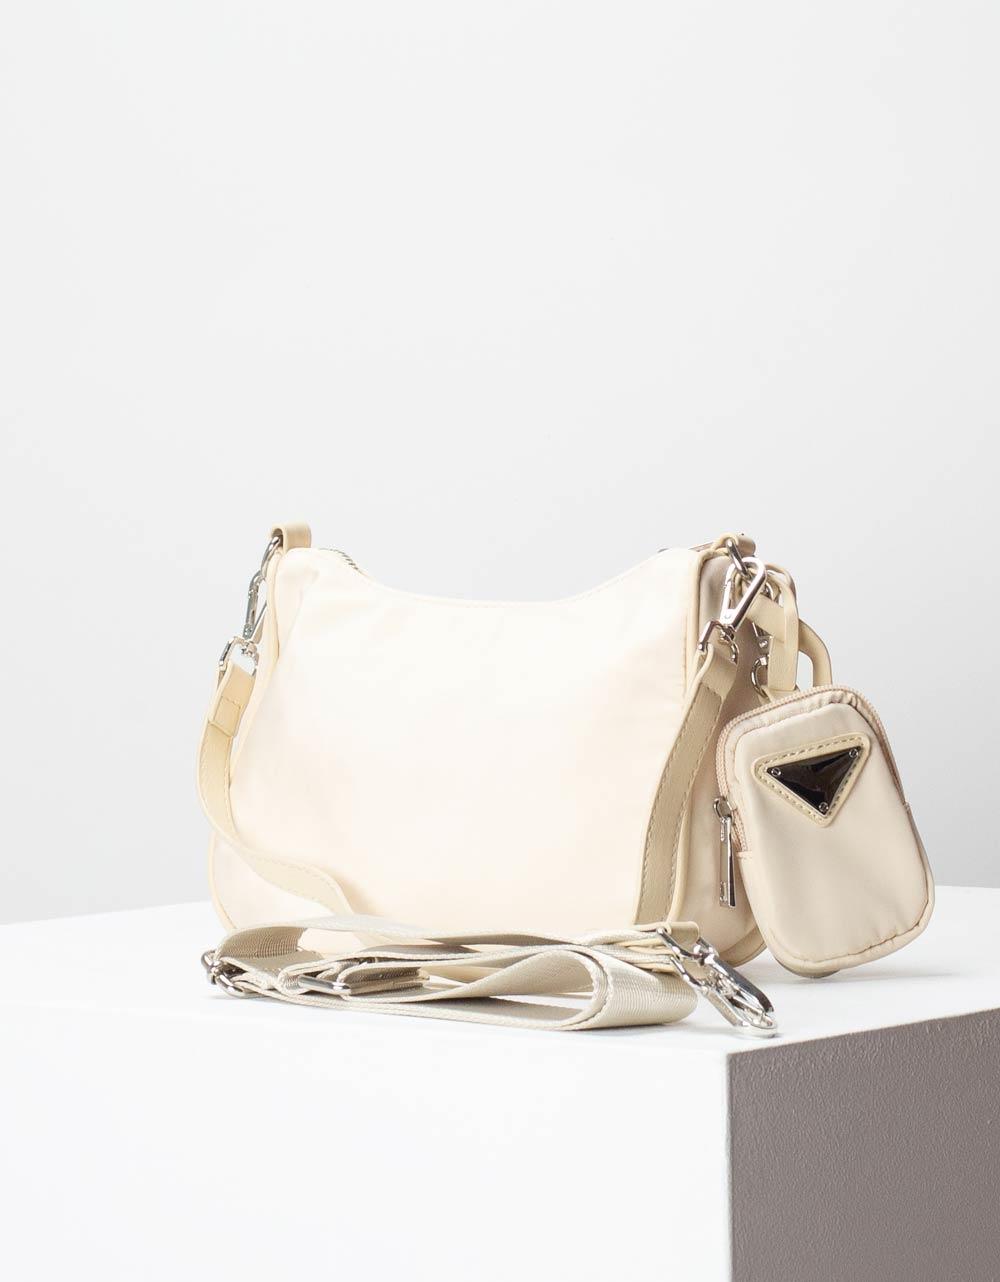 Εικόνα από Γυναικεία τσάντα ώμου & χιαστί με εξωτερικό τσεπάκι Μπεζ